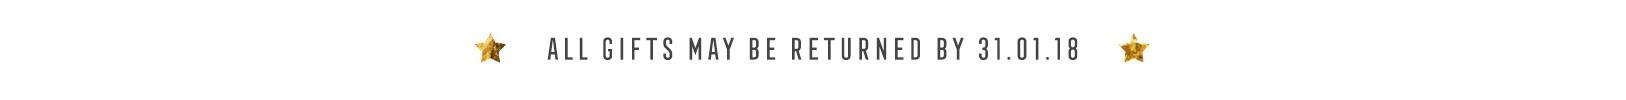 raw-returns_info_b.jpg